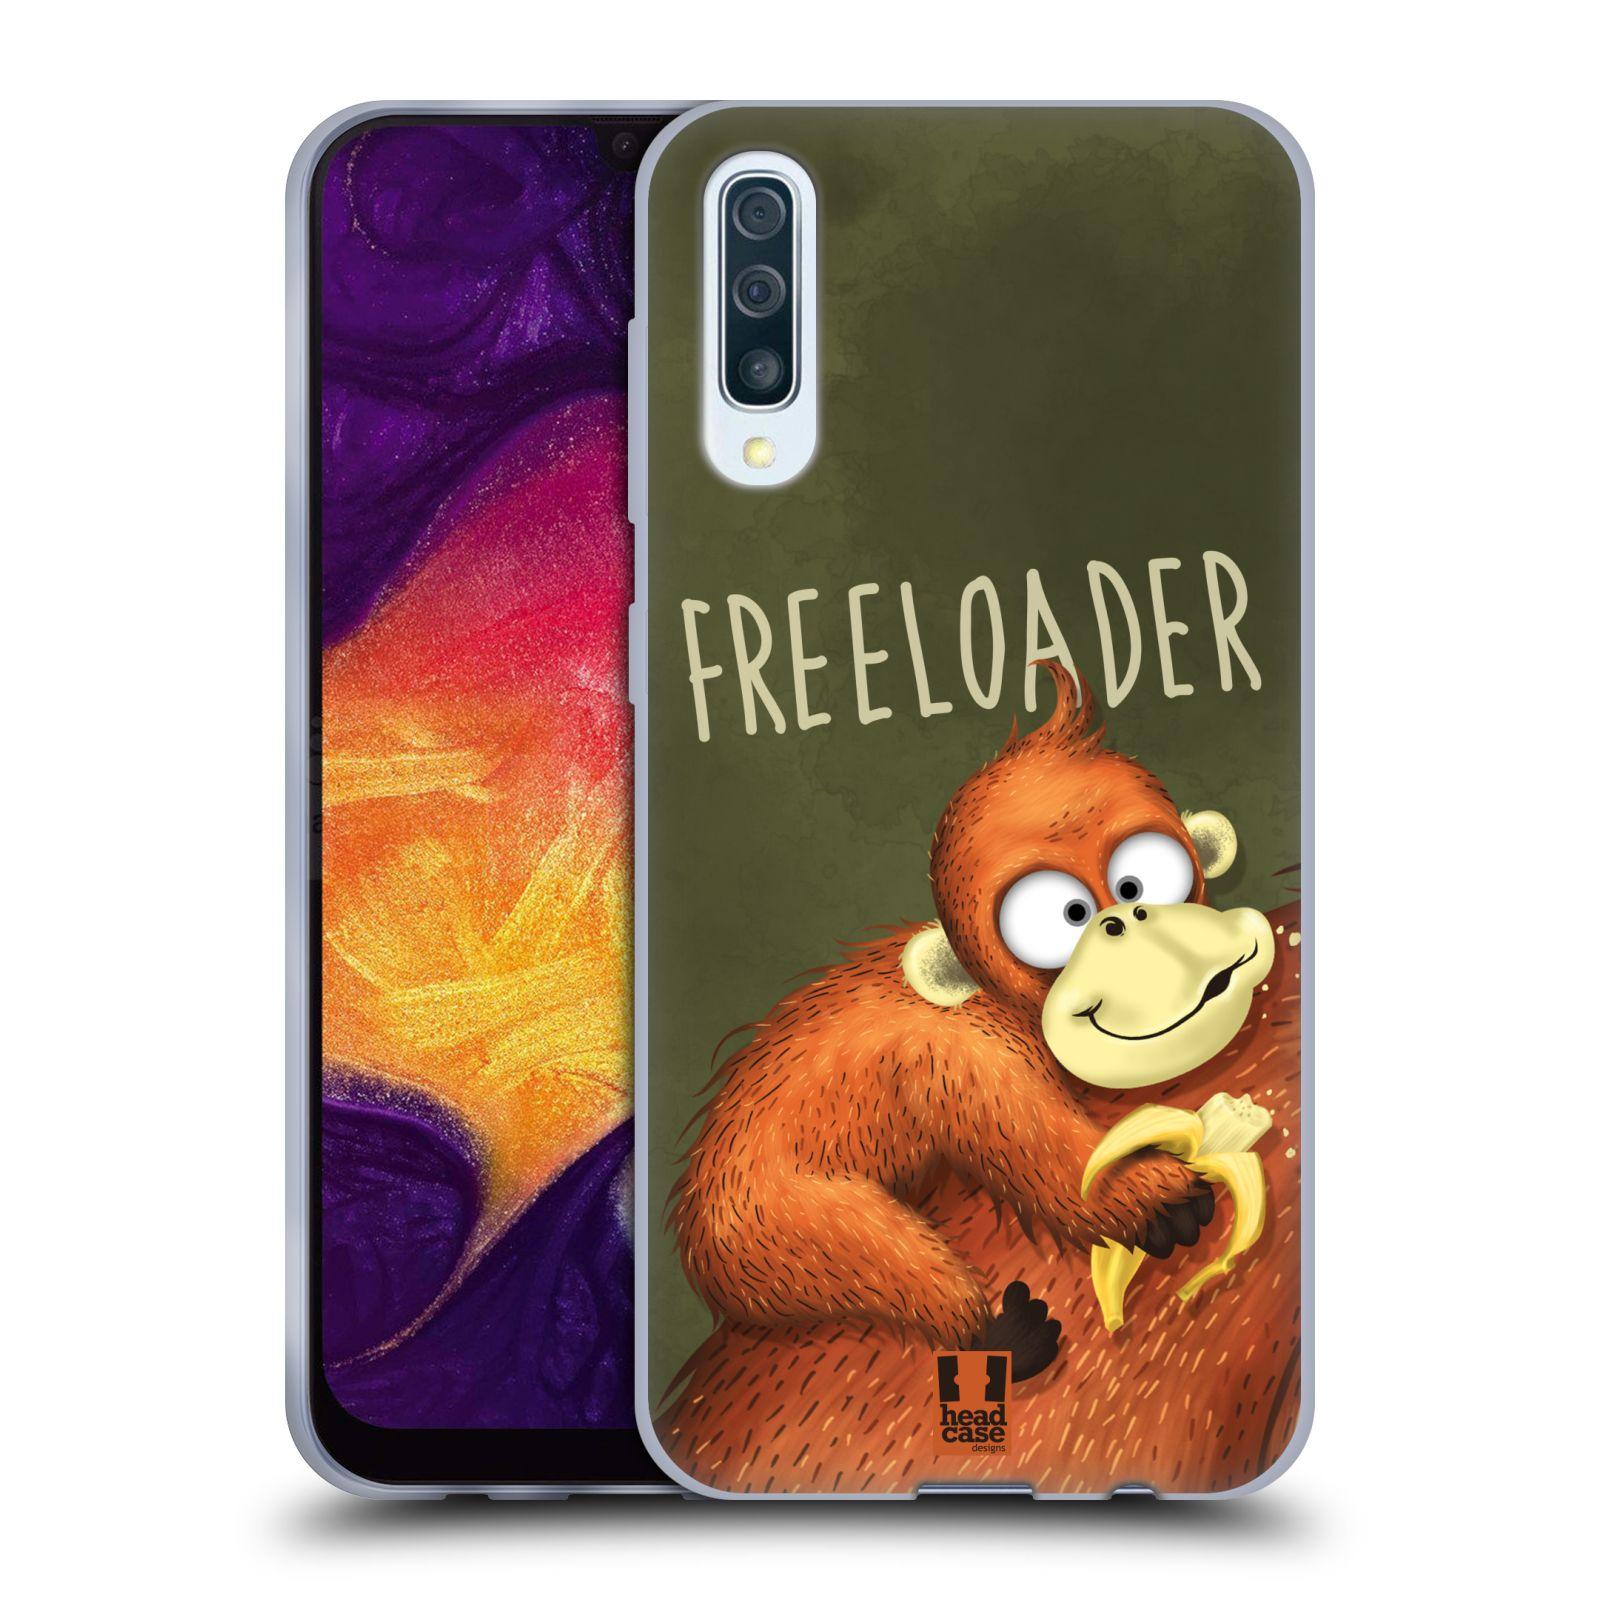 Silikonové pouzdro na mobil Samsung Galaxy A50 / A30s - Head Case - Opičák Freeloader